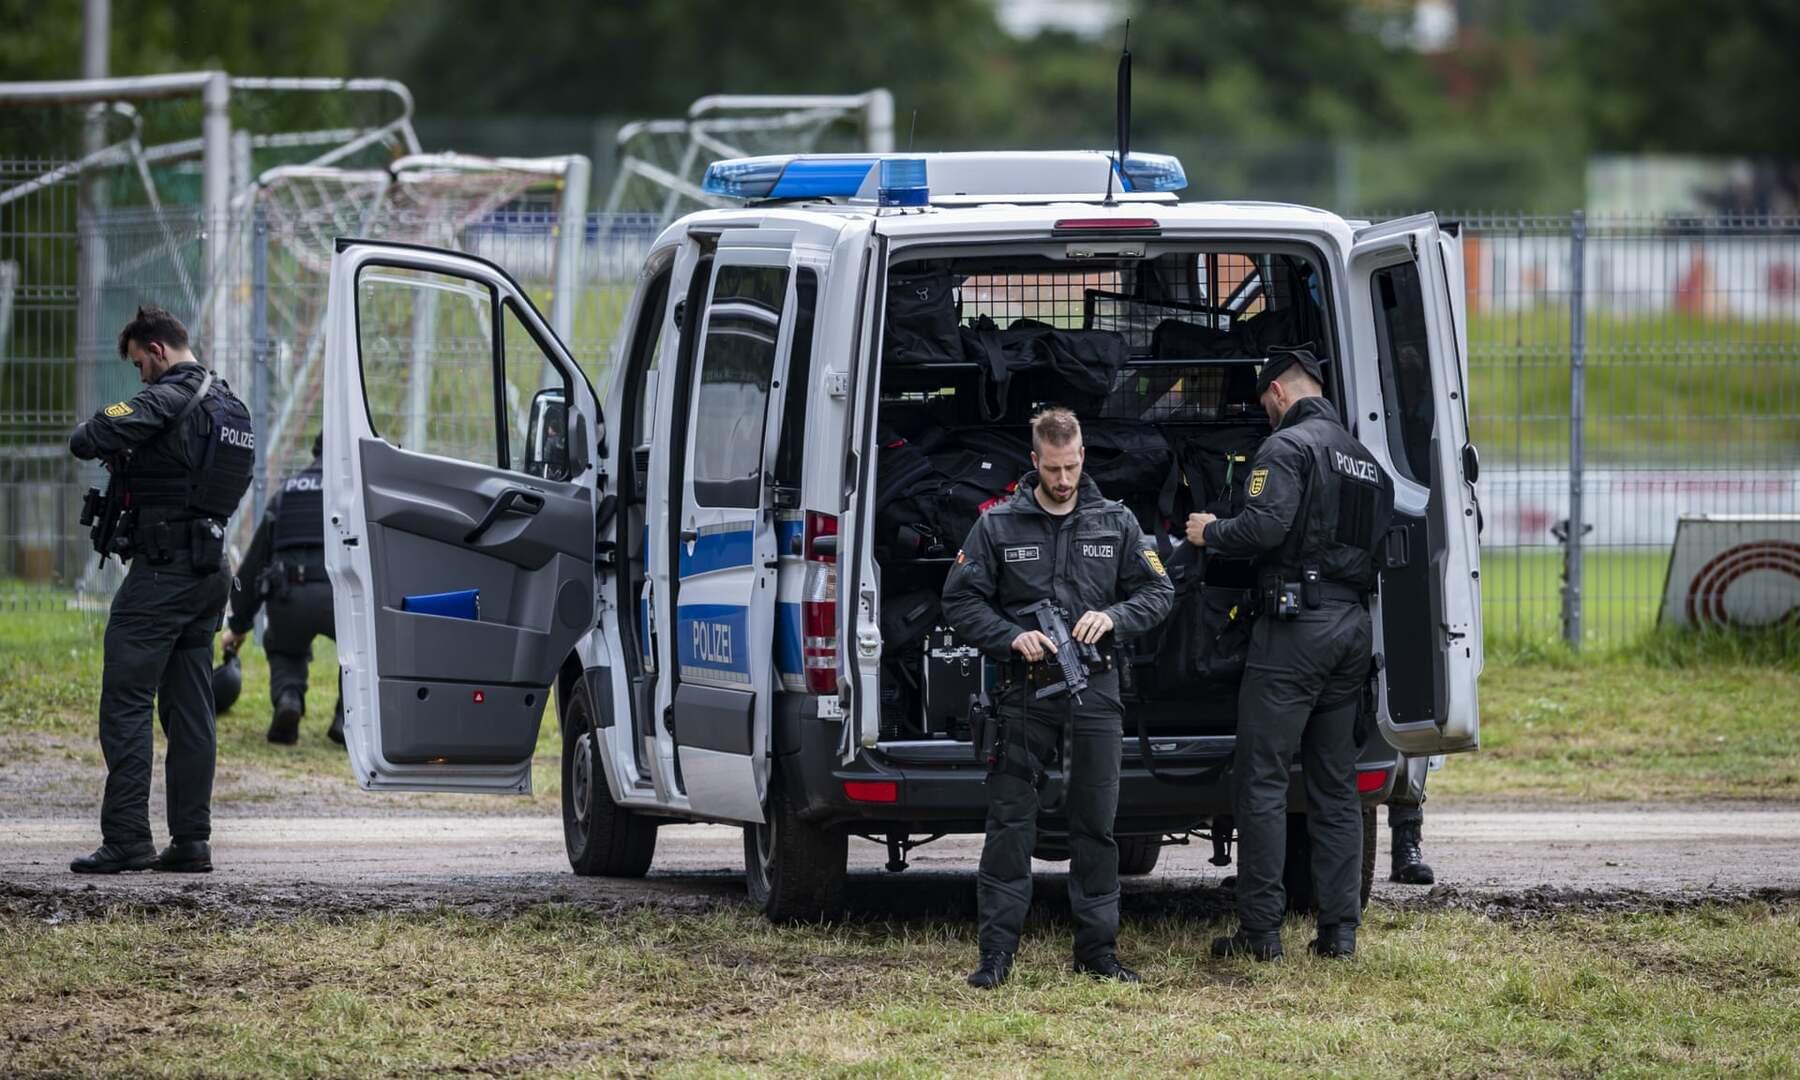 بعد مطاردة استغرقت 6 أيام.. الشرطة الألمانية تعتقل